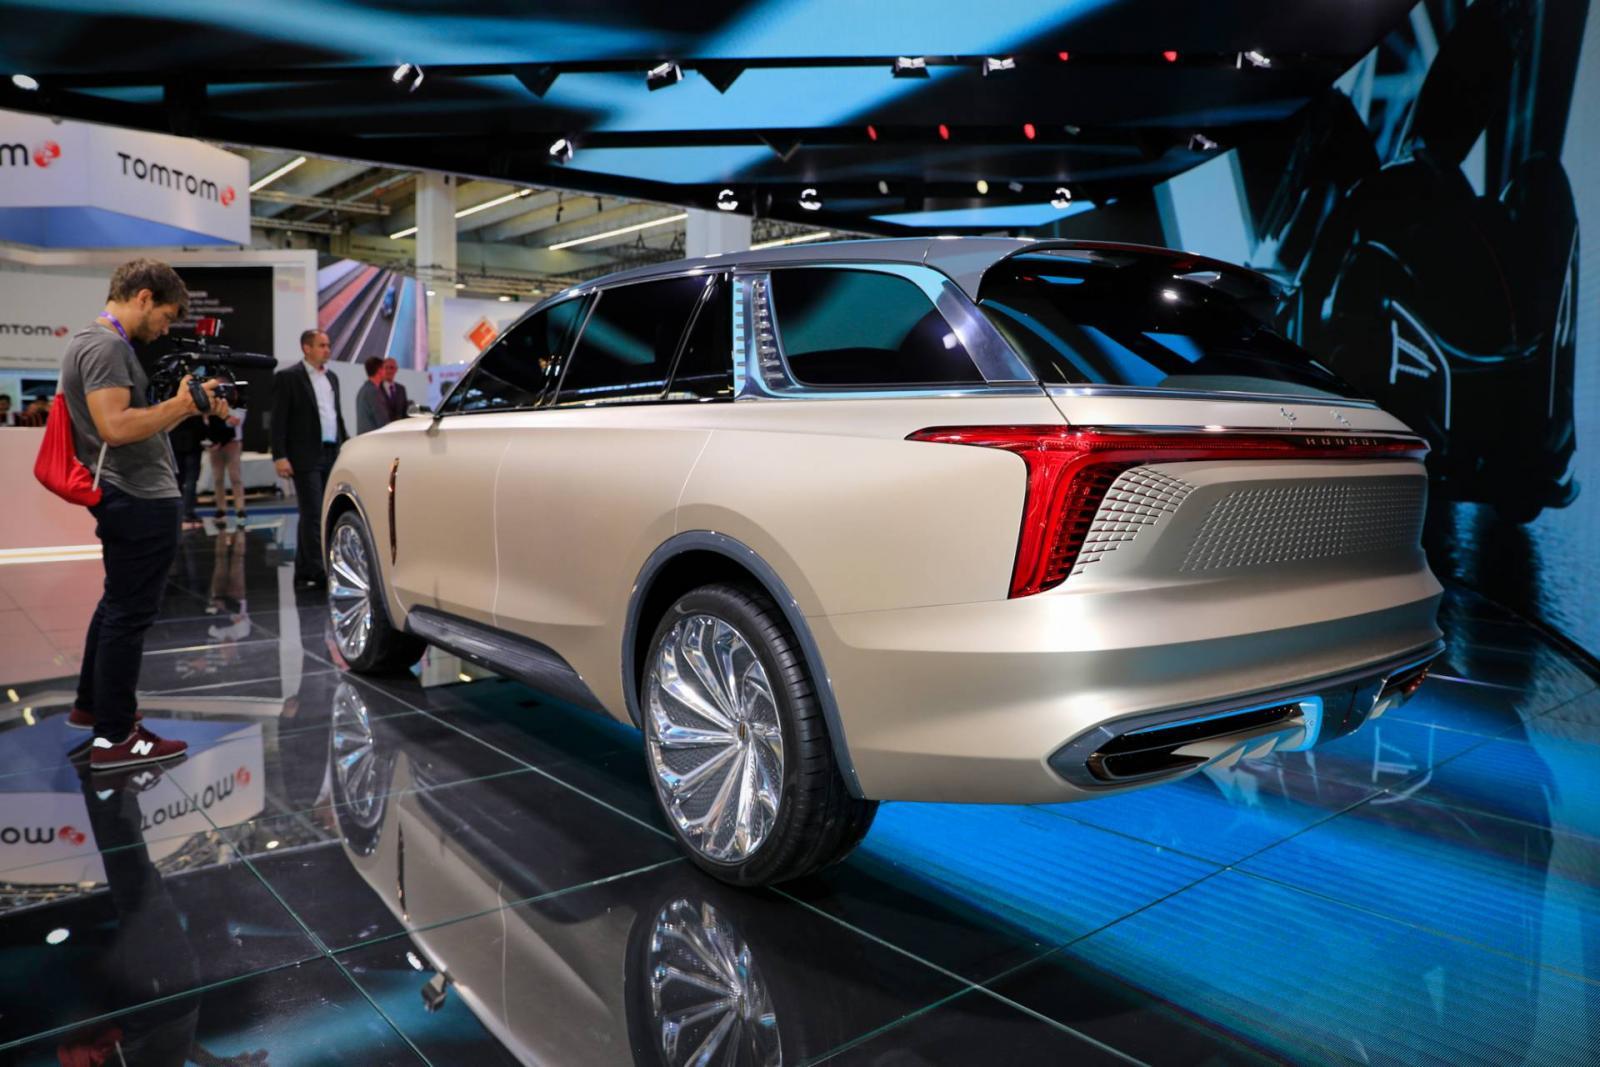 Автопроизводители готовятся к кризису из-за вспышки коронавируса в Китае